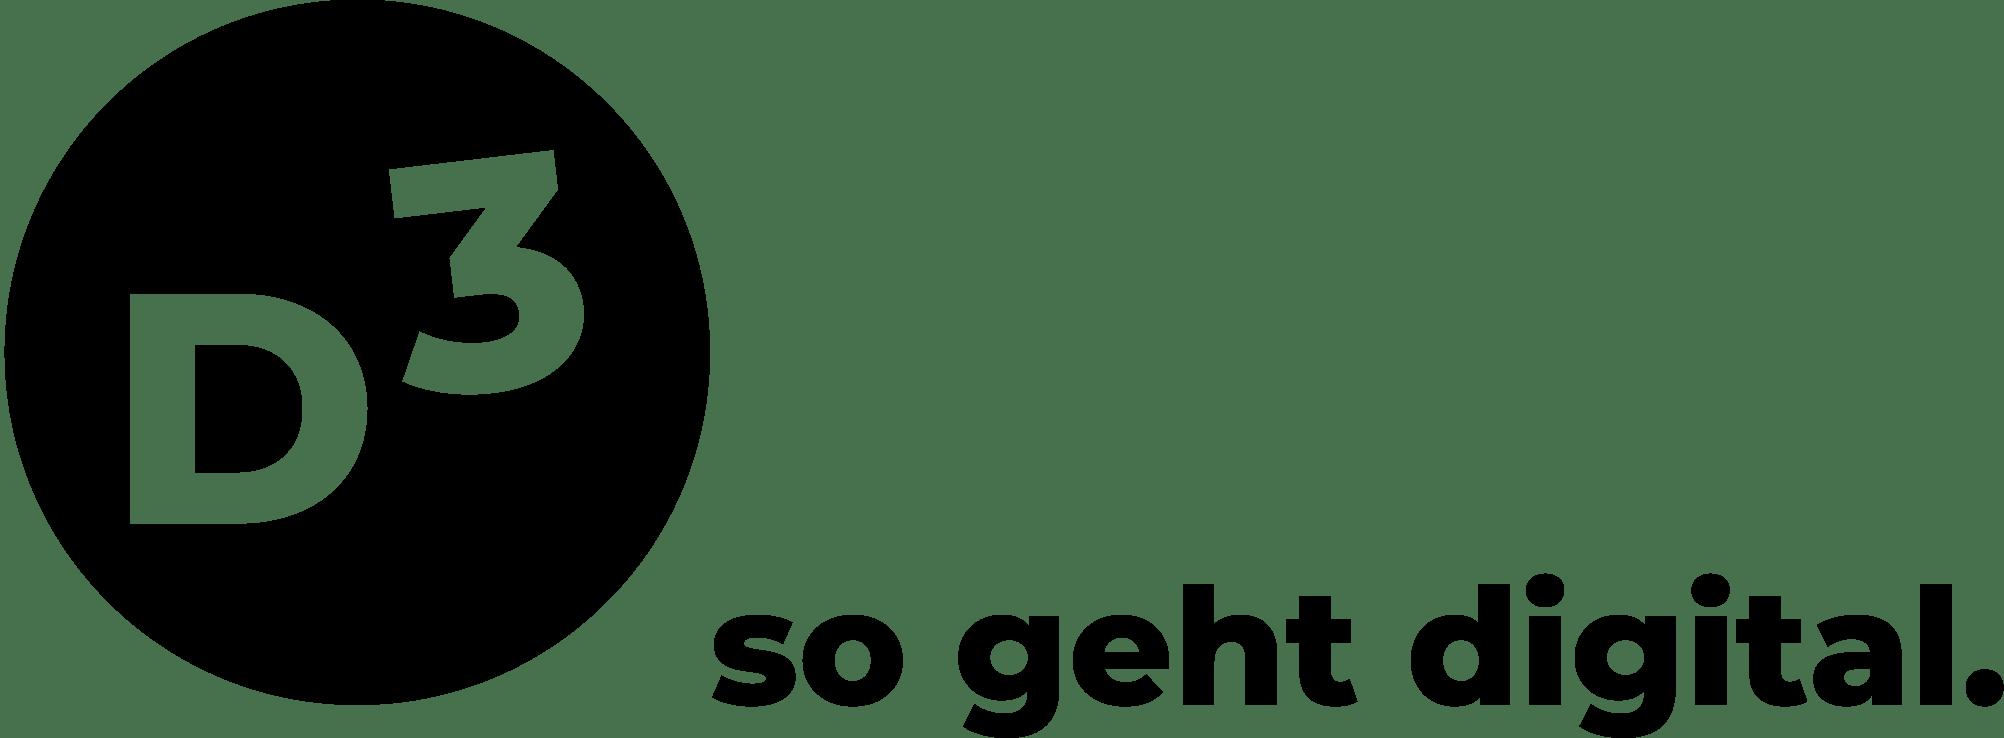 D3 in weißer Schrift in einem schwarzen Kreis, gefolgt von Schriftzug so geht digital.